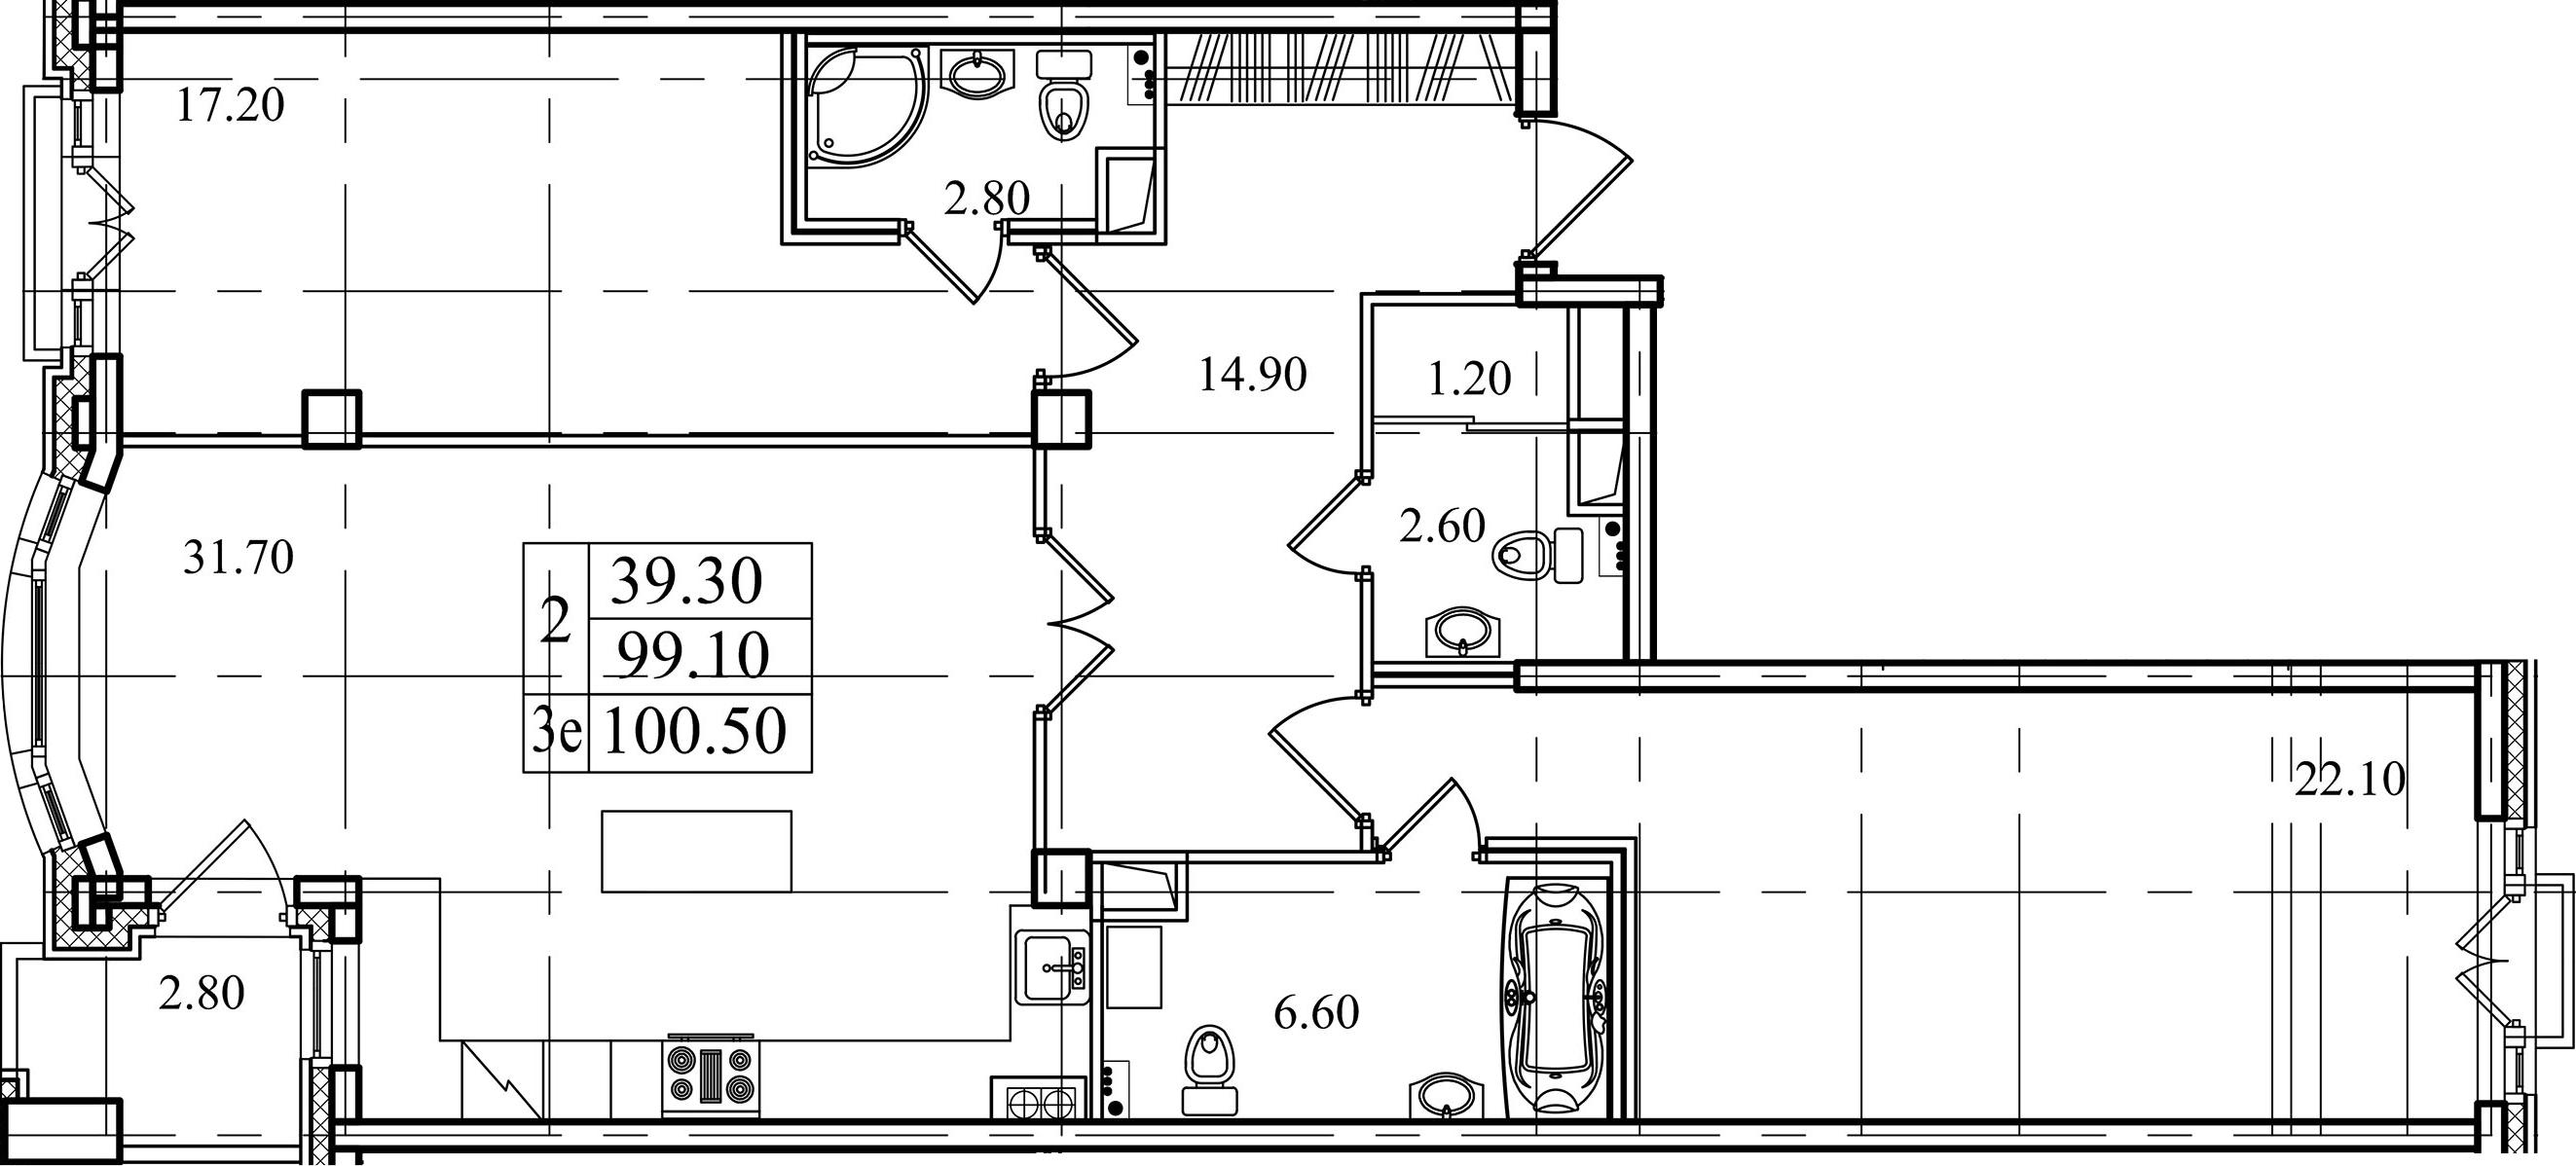 3-к.кв (евро), 101.9 м²